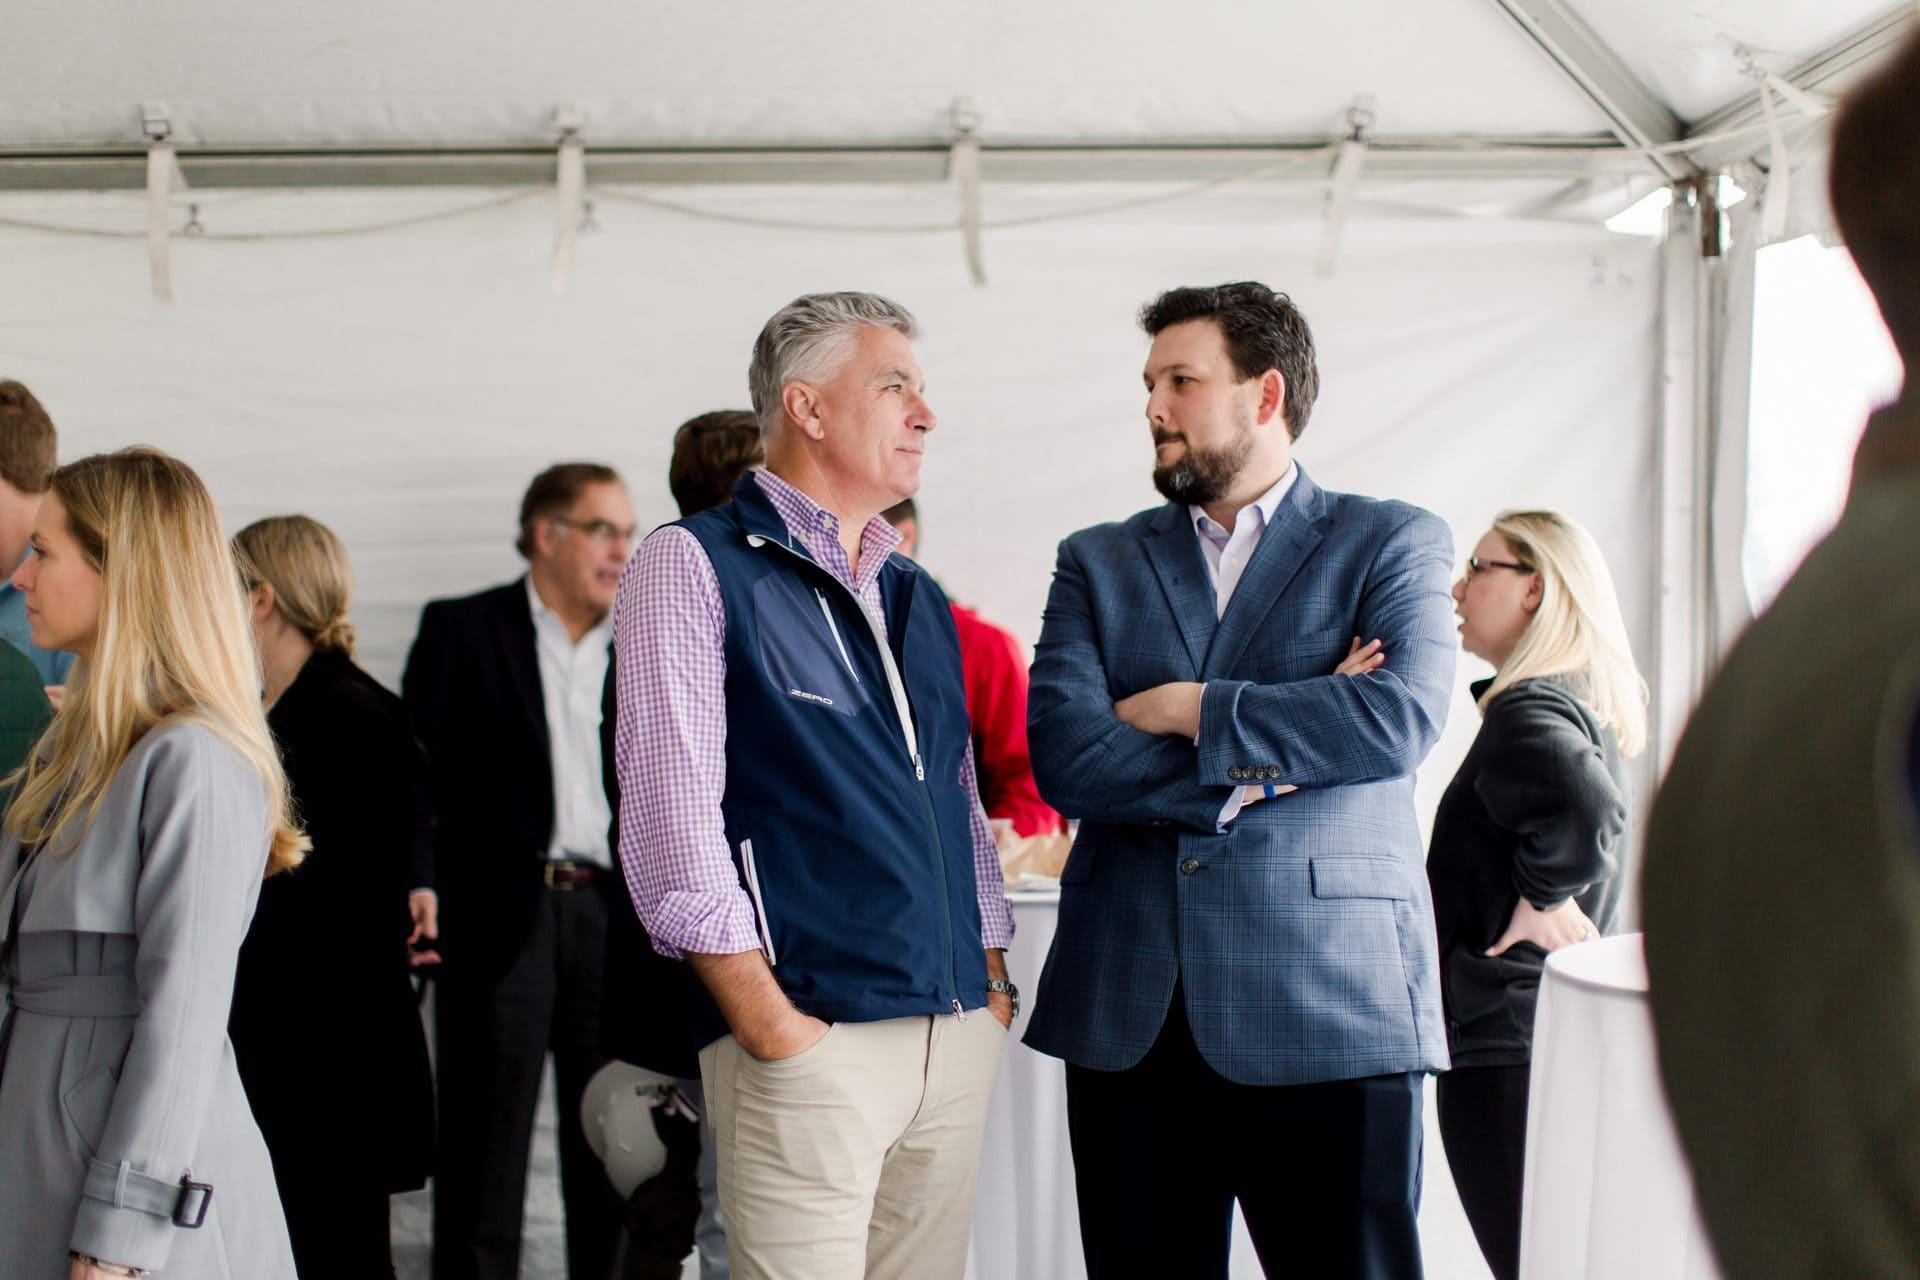 two men conversation event